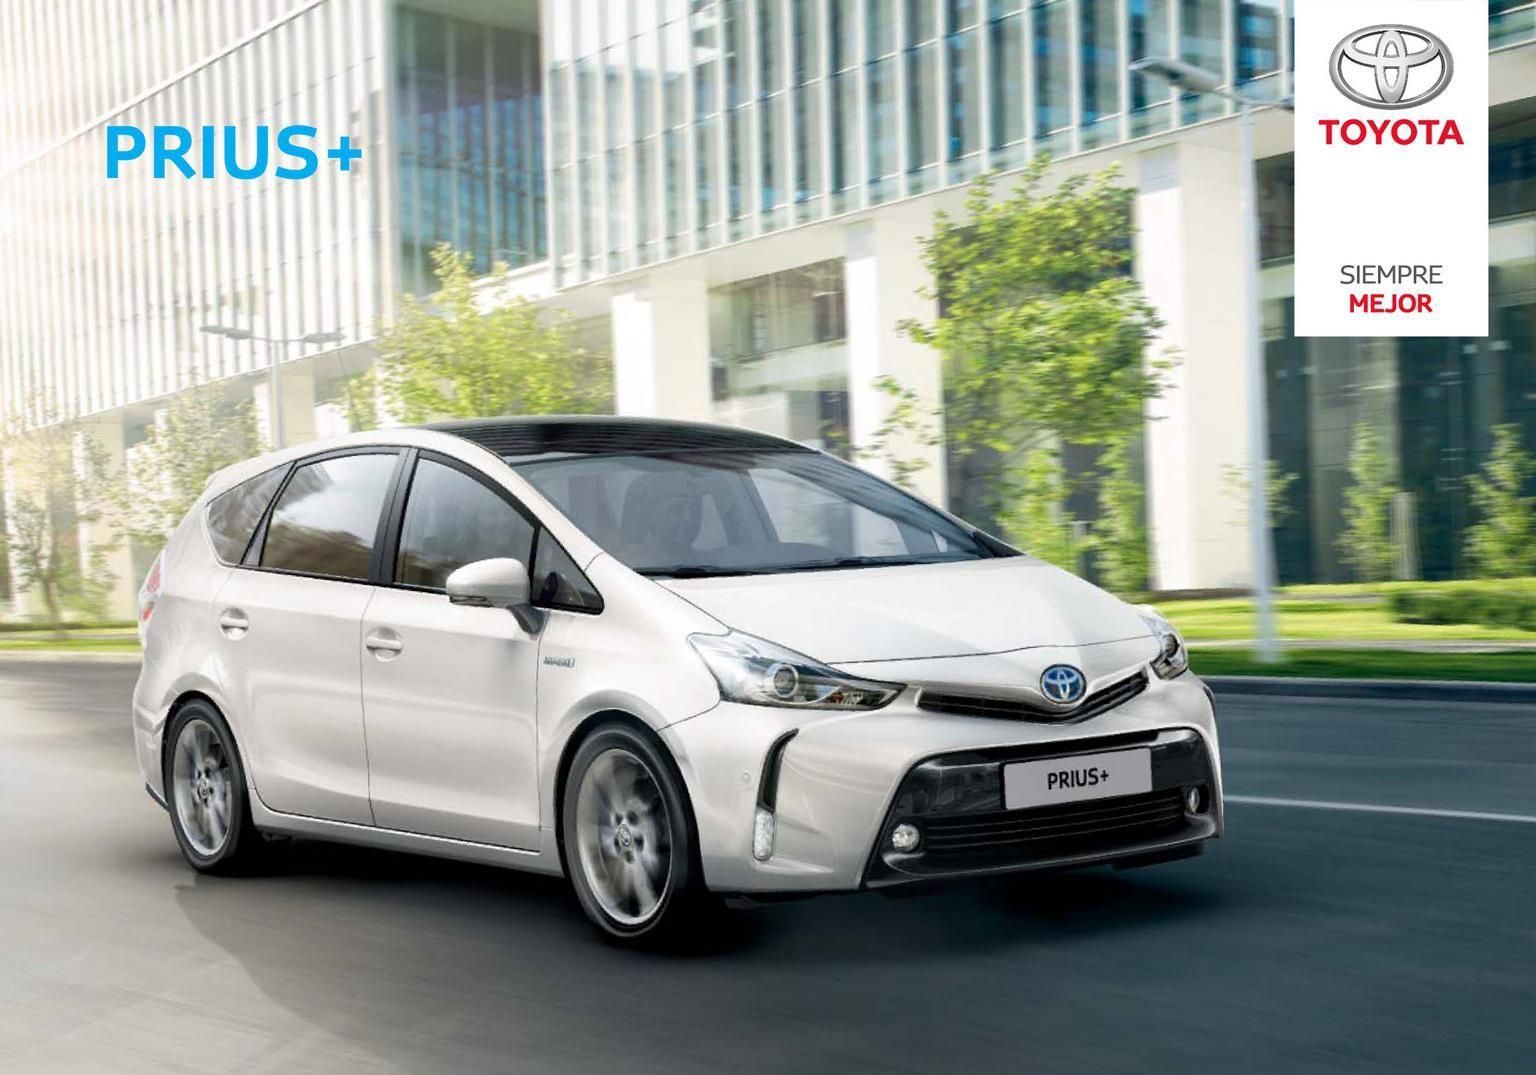 Toyota Prius Plus Toyota Toyota Pinterest